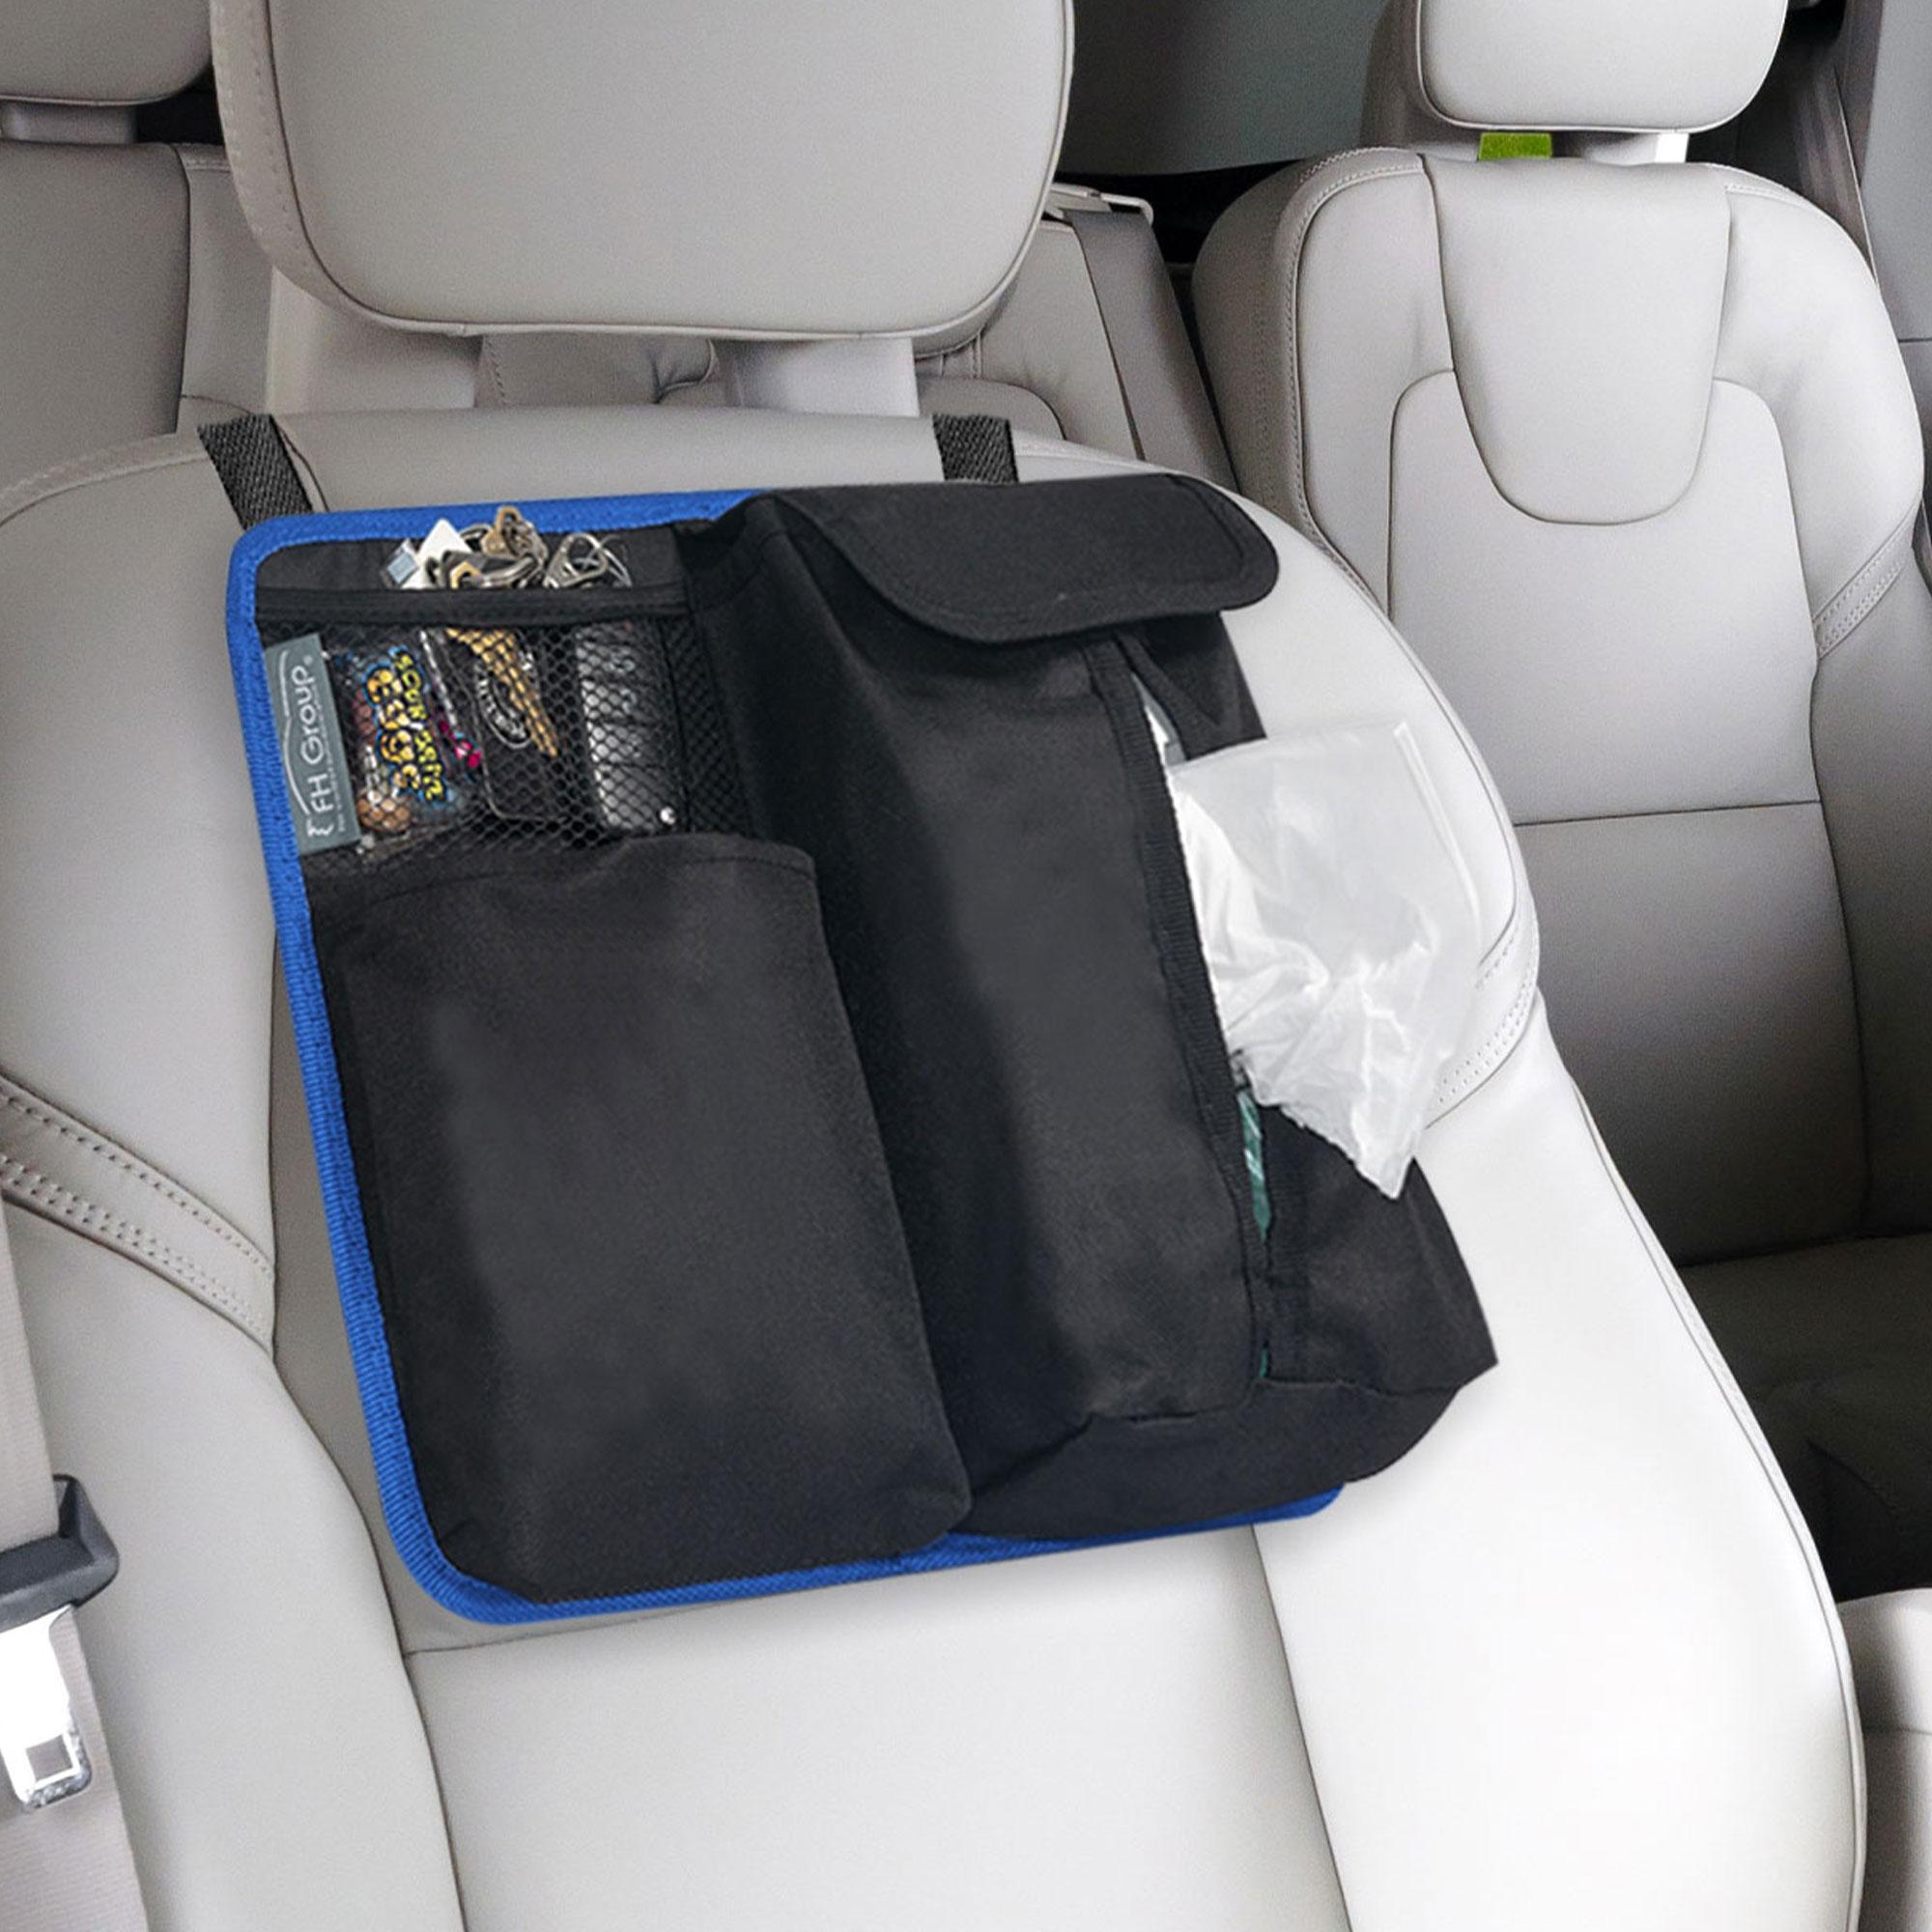 fh1136 blue black car organizer tissue dispenser